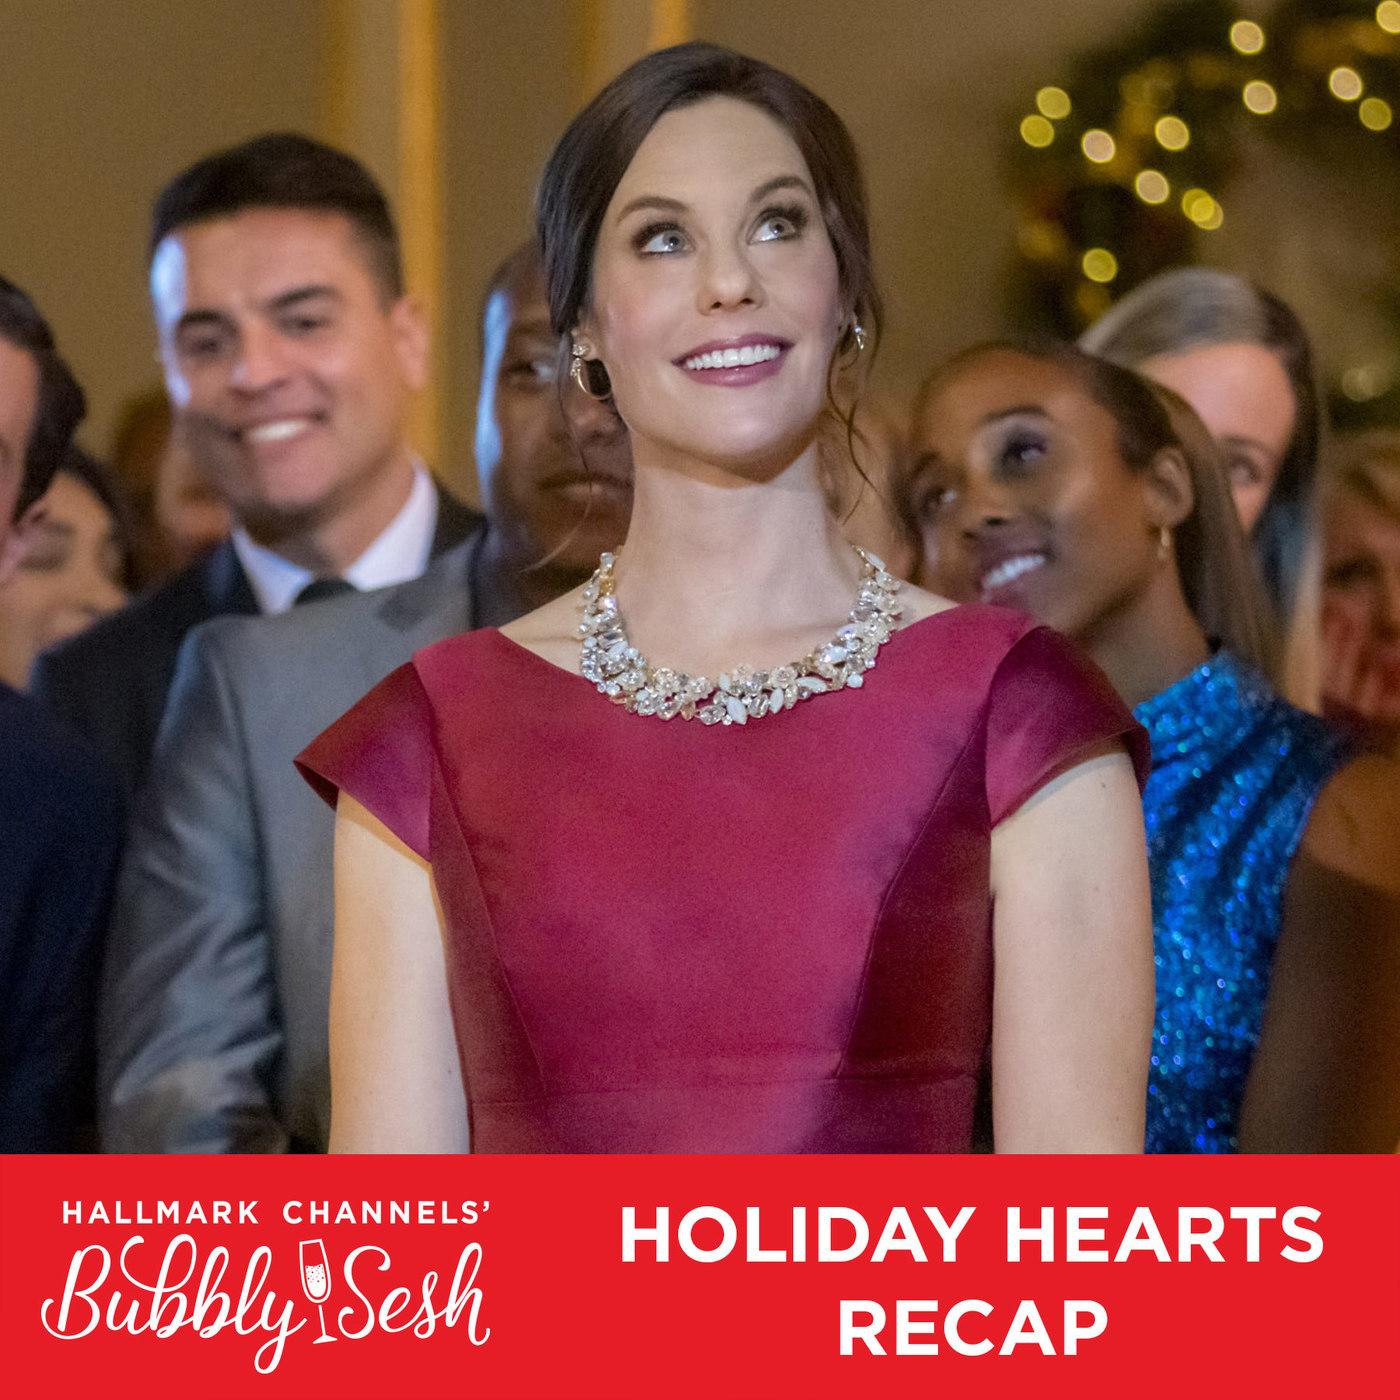 Holiday Hearts Recap